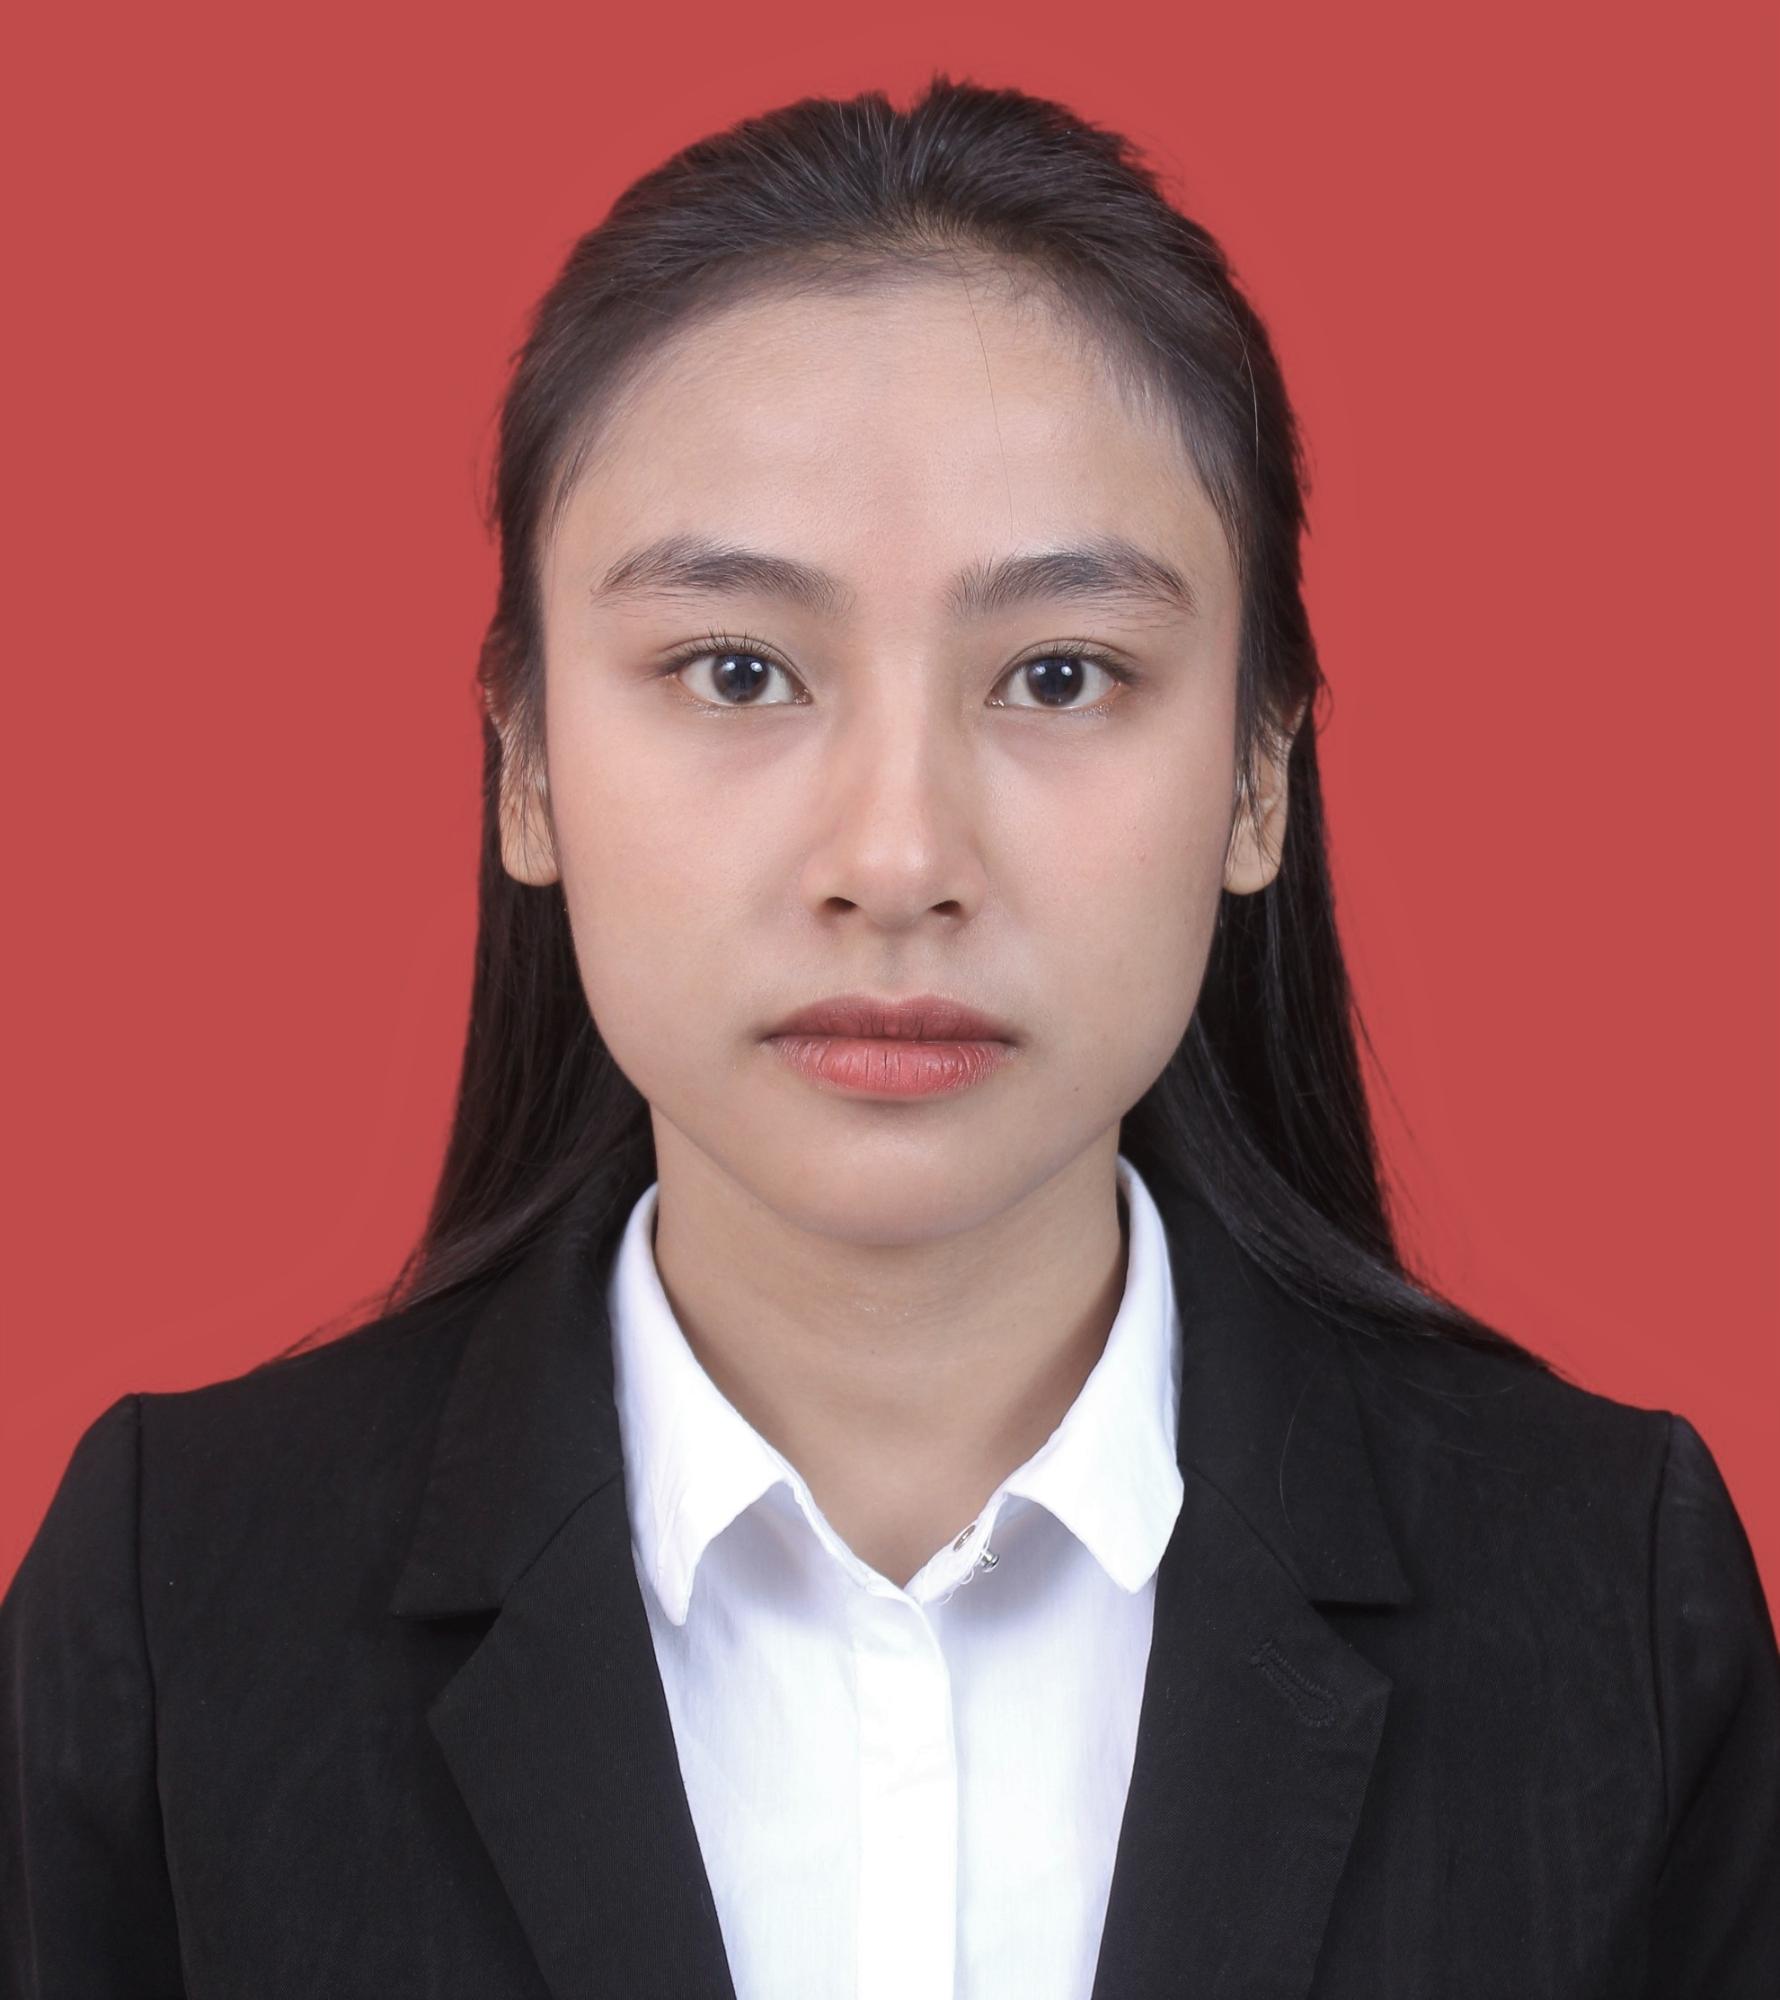 Ms Maulia Mahirani